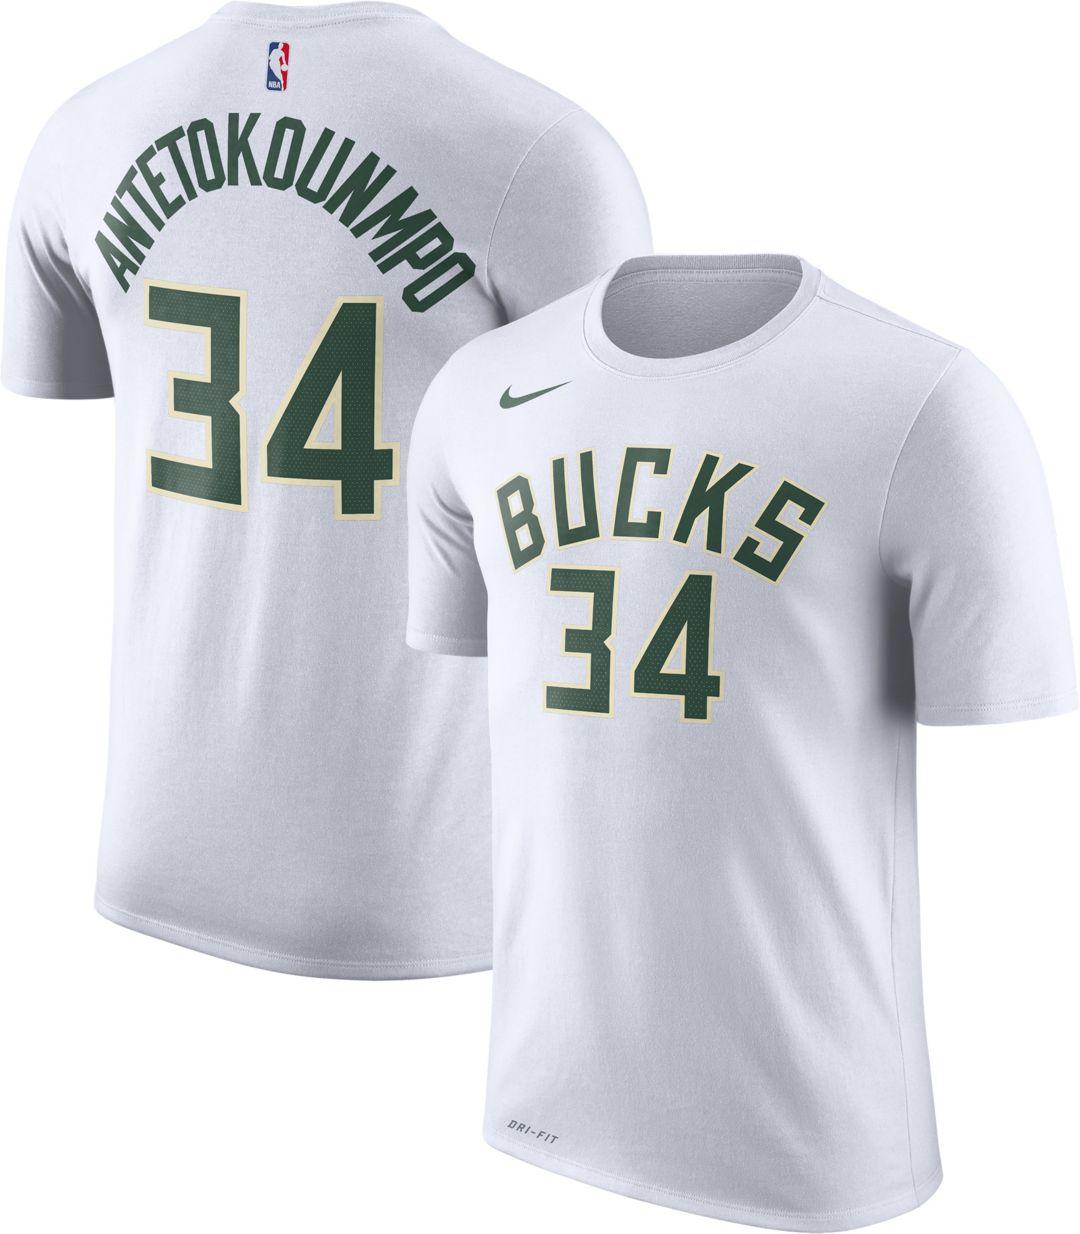 c9788b994 Nike Men's Milwaukee Bucks Giannis Antetokounmpo #34 Dri-FIT White T-Shirt